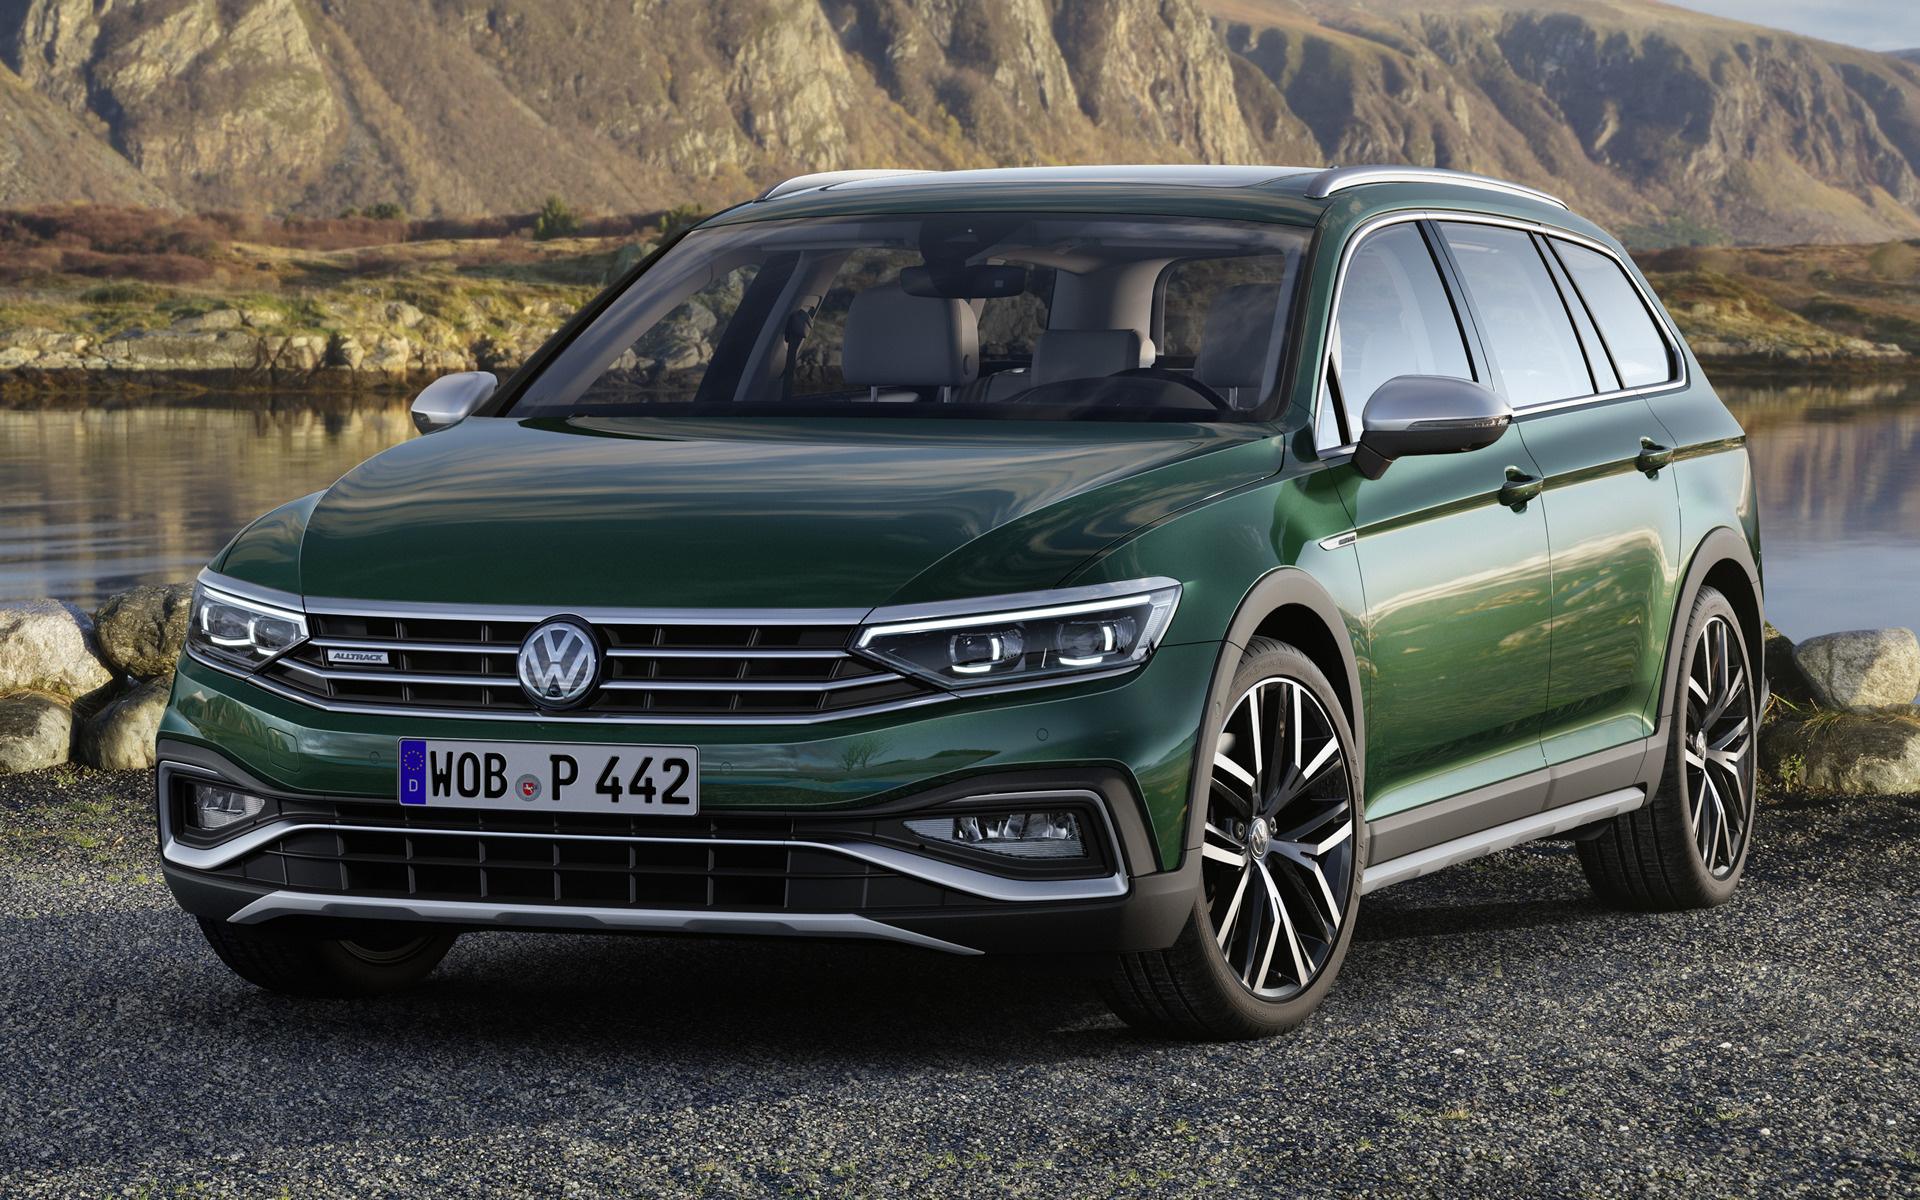 2019 Volkswagen Passat Alltrack   Wallpapers and HD Images Car Pixel 1920x1200